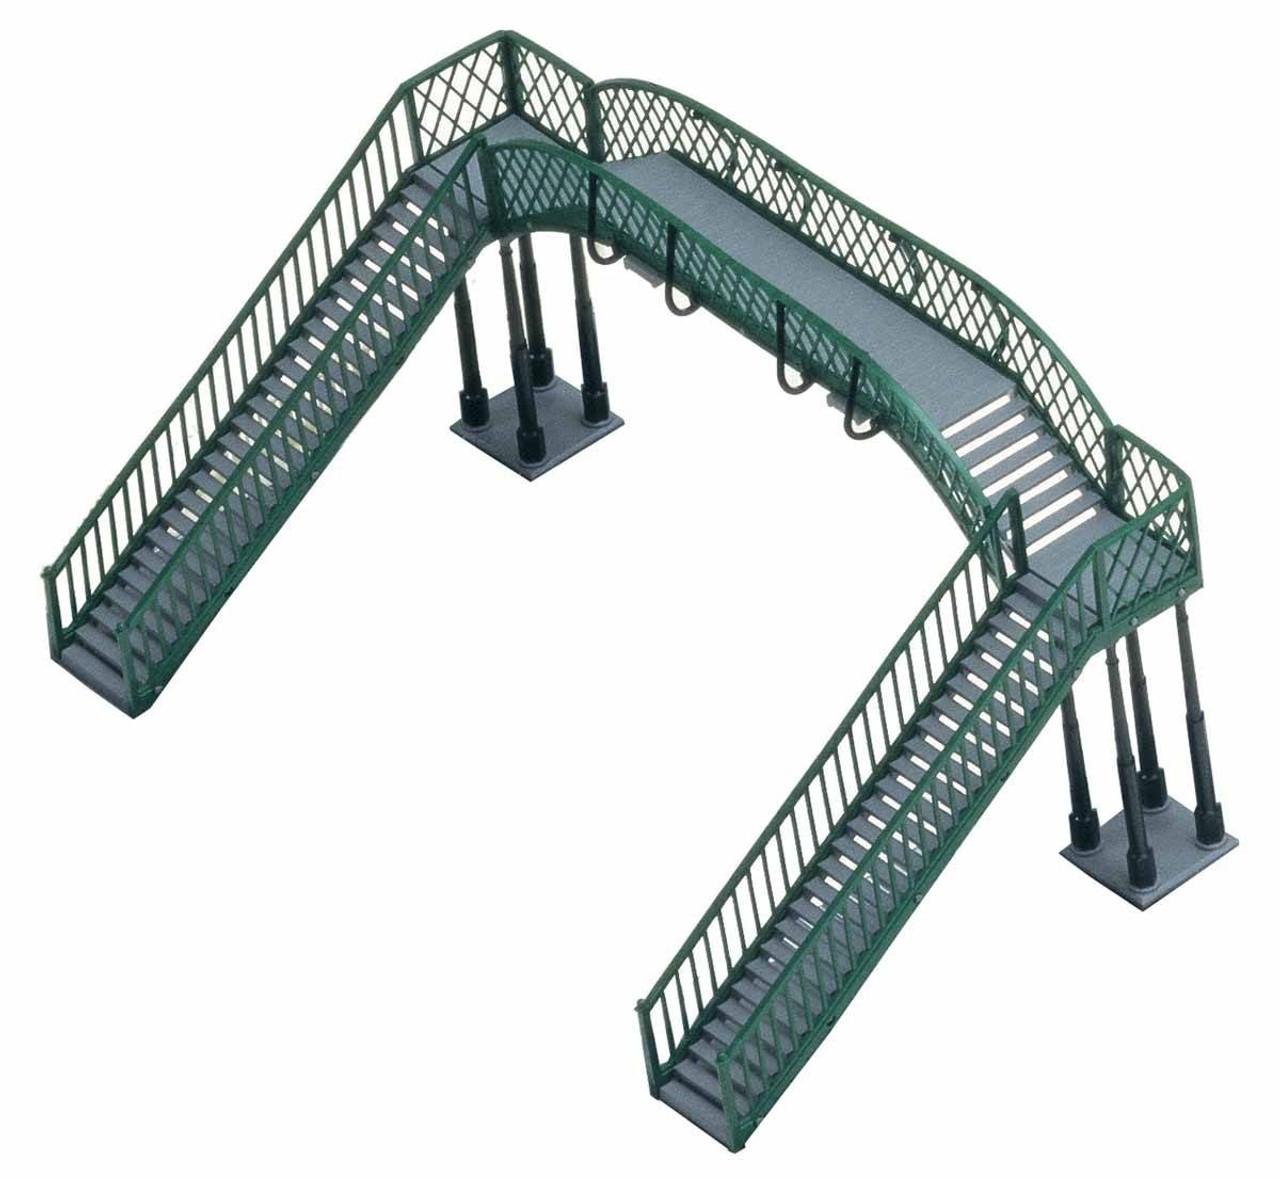 Hornby R076 Footbridge Model Railway Accessories